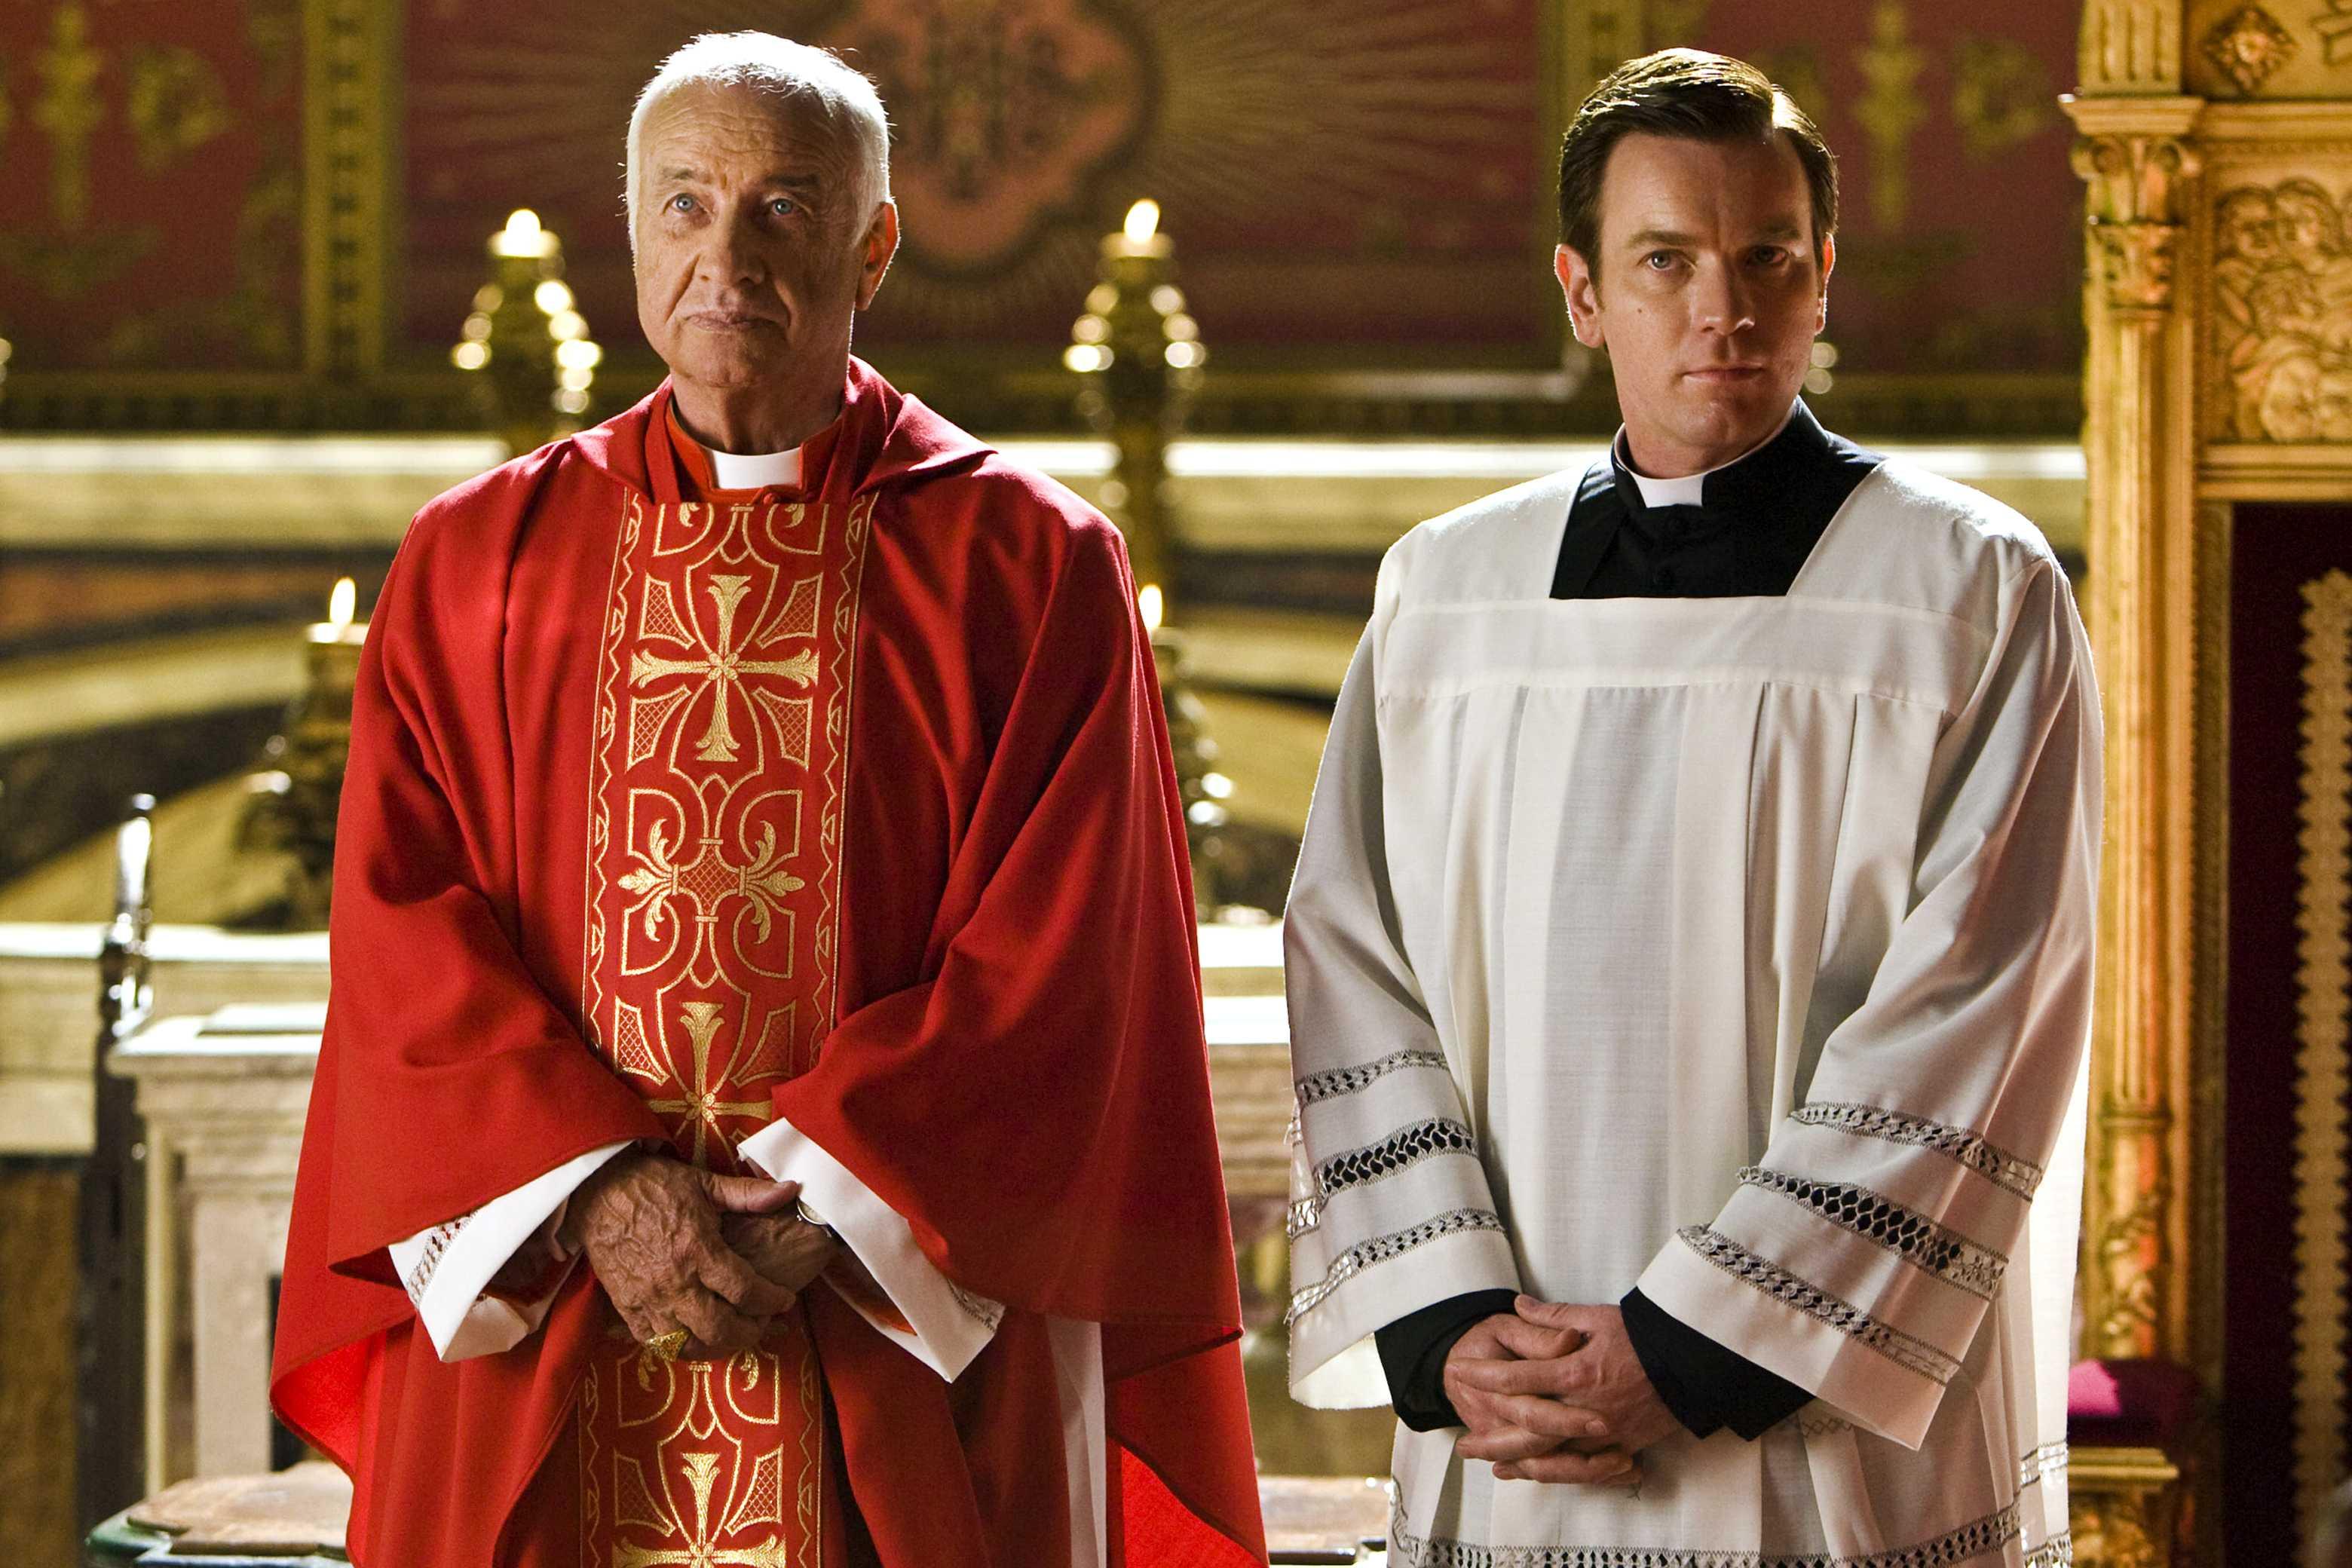 Armin Mueller-Stahl & Ewan McGregor on the set of Angels & Demons